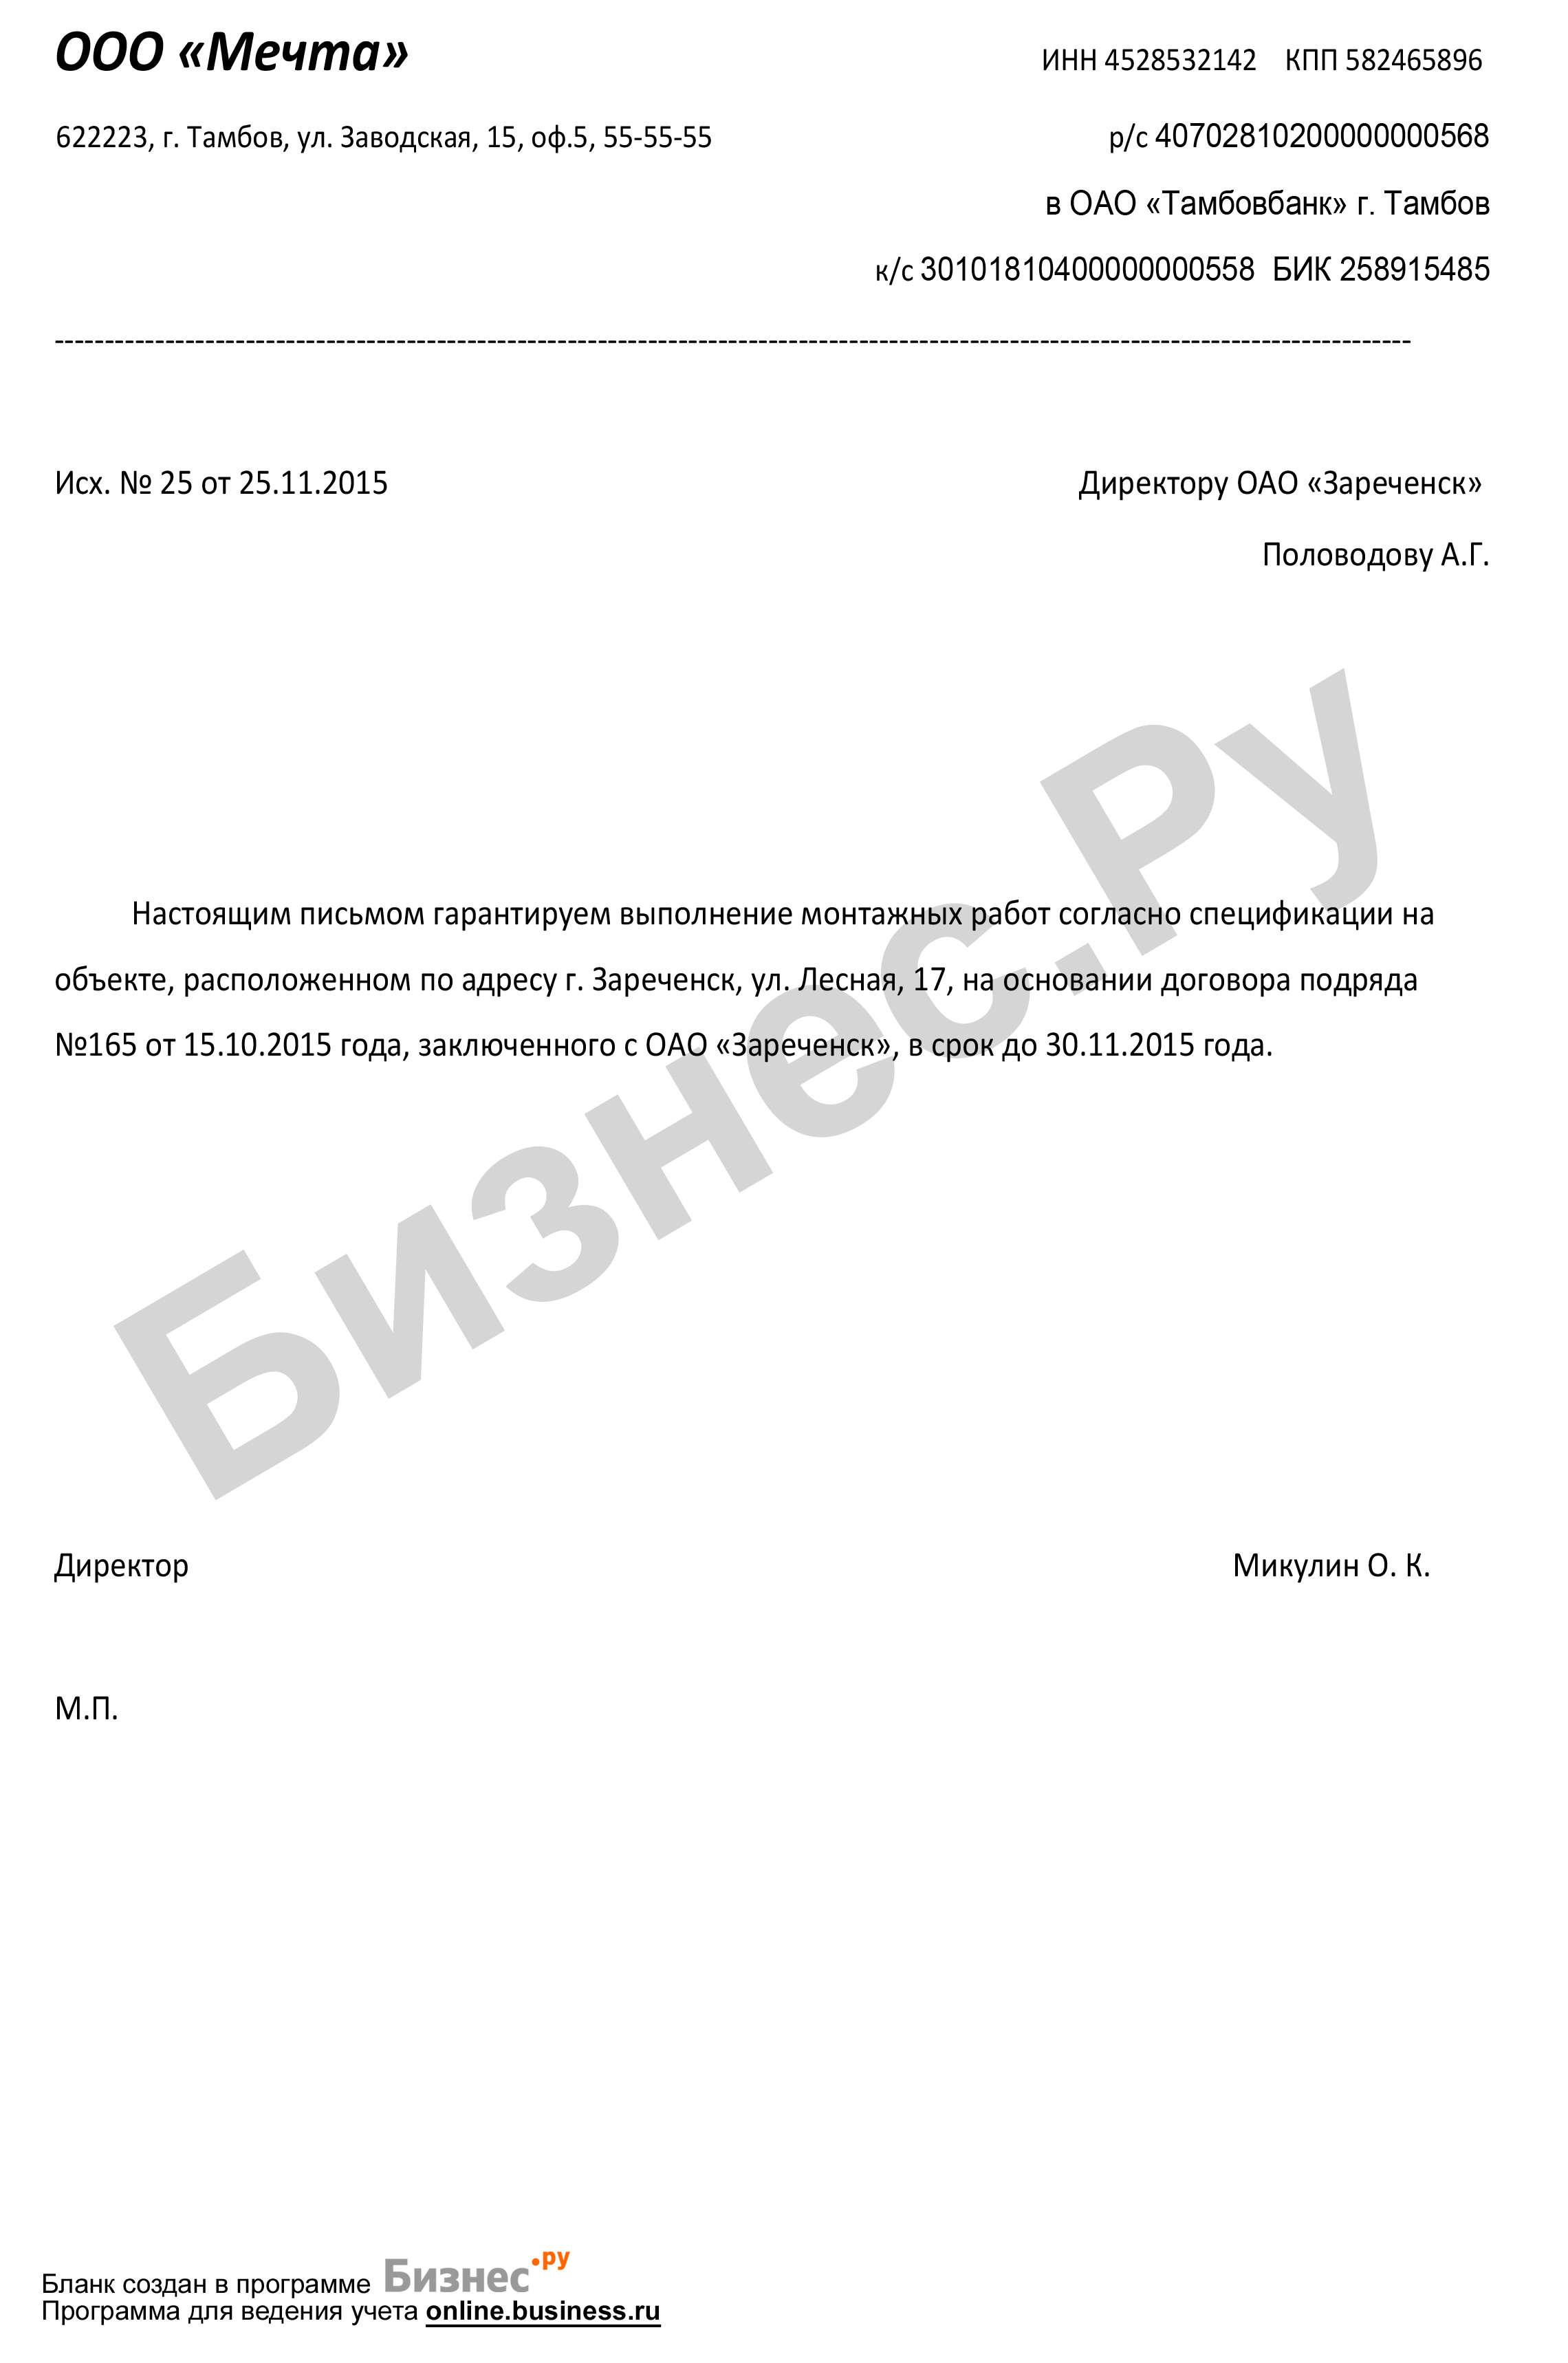 Письмо об отсутствии картотеки в фсс